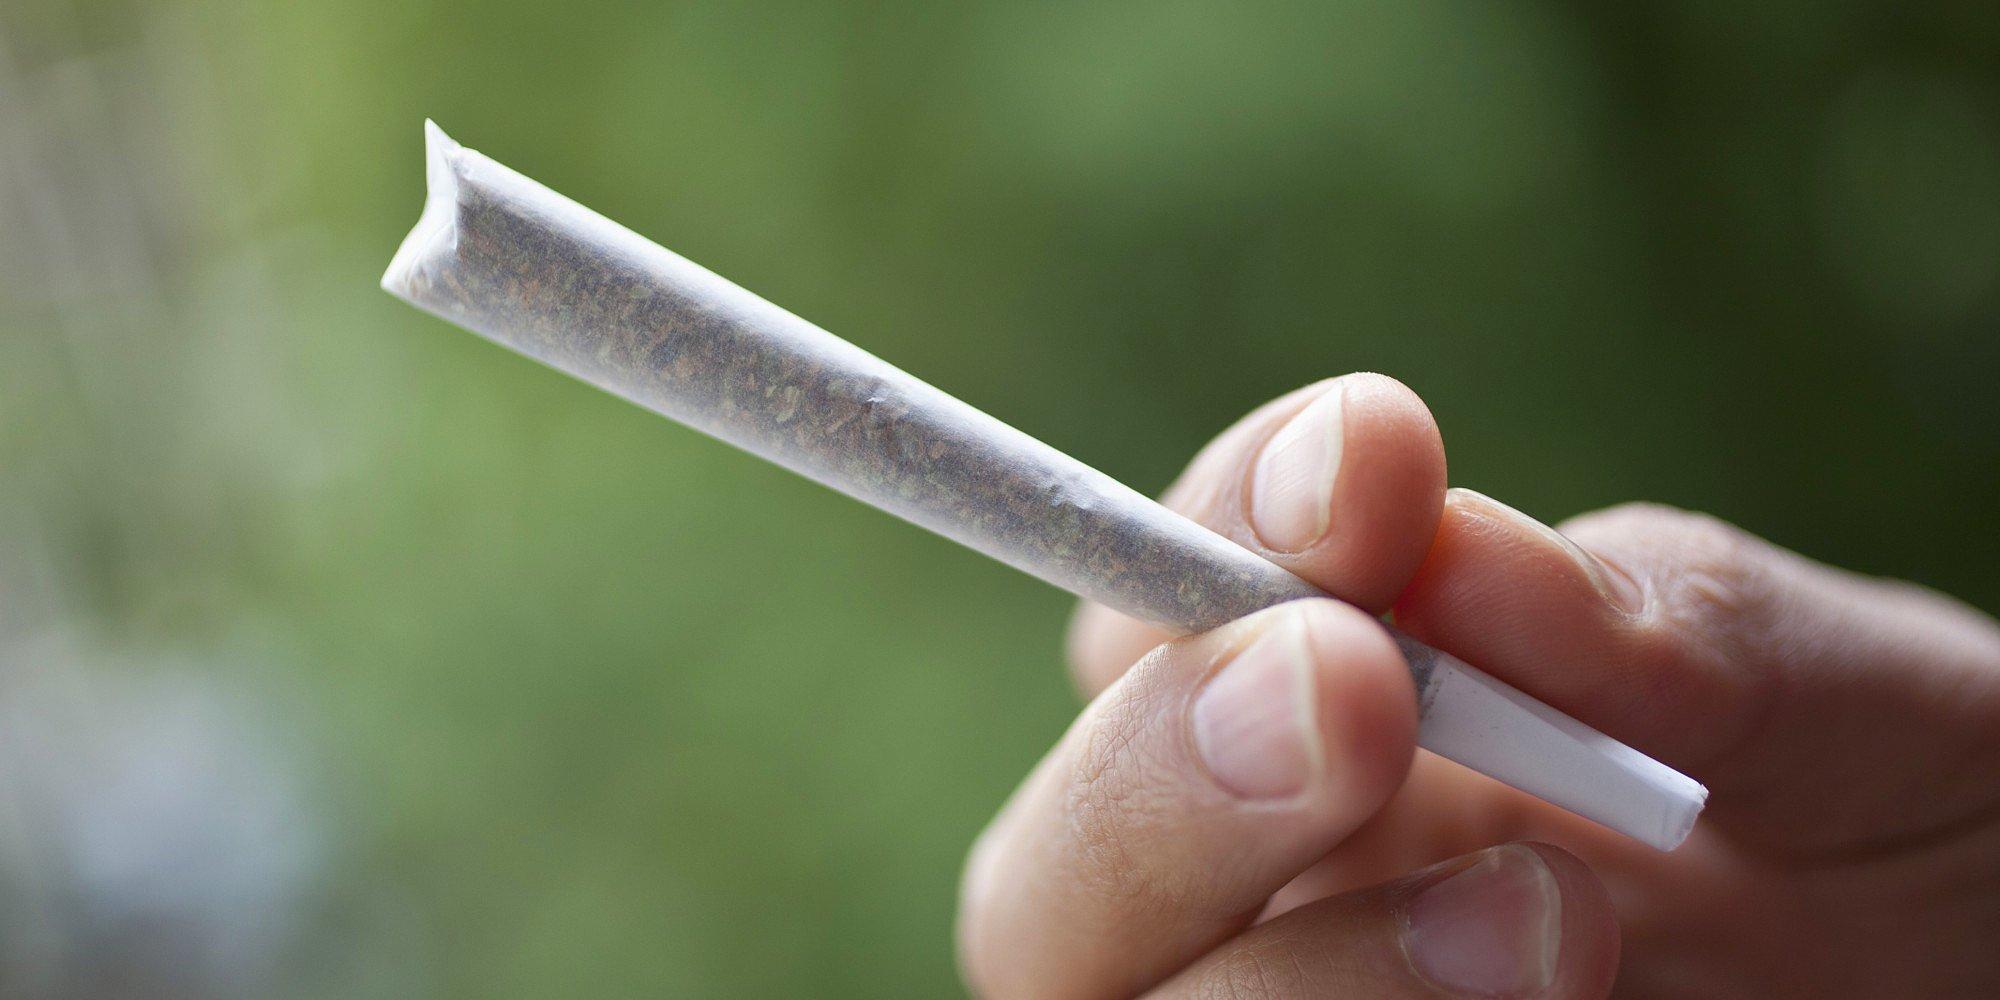 Uyuşturucu Madde Nedir? Nasıl Bağımlılık Oluşturur?